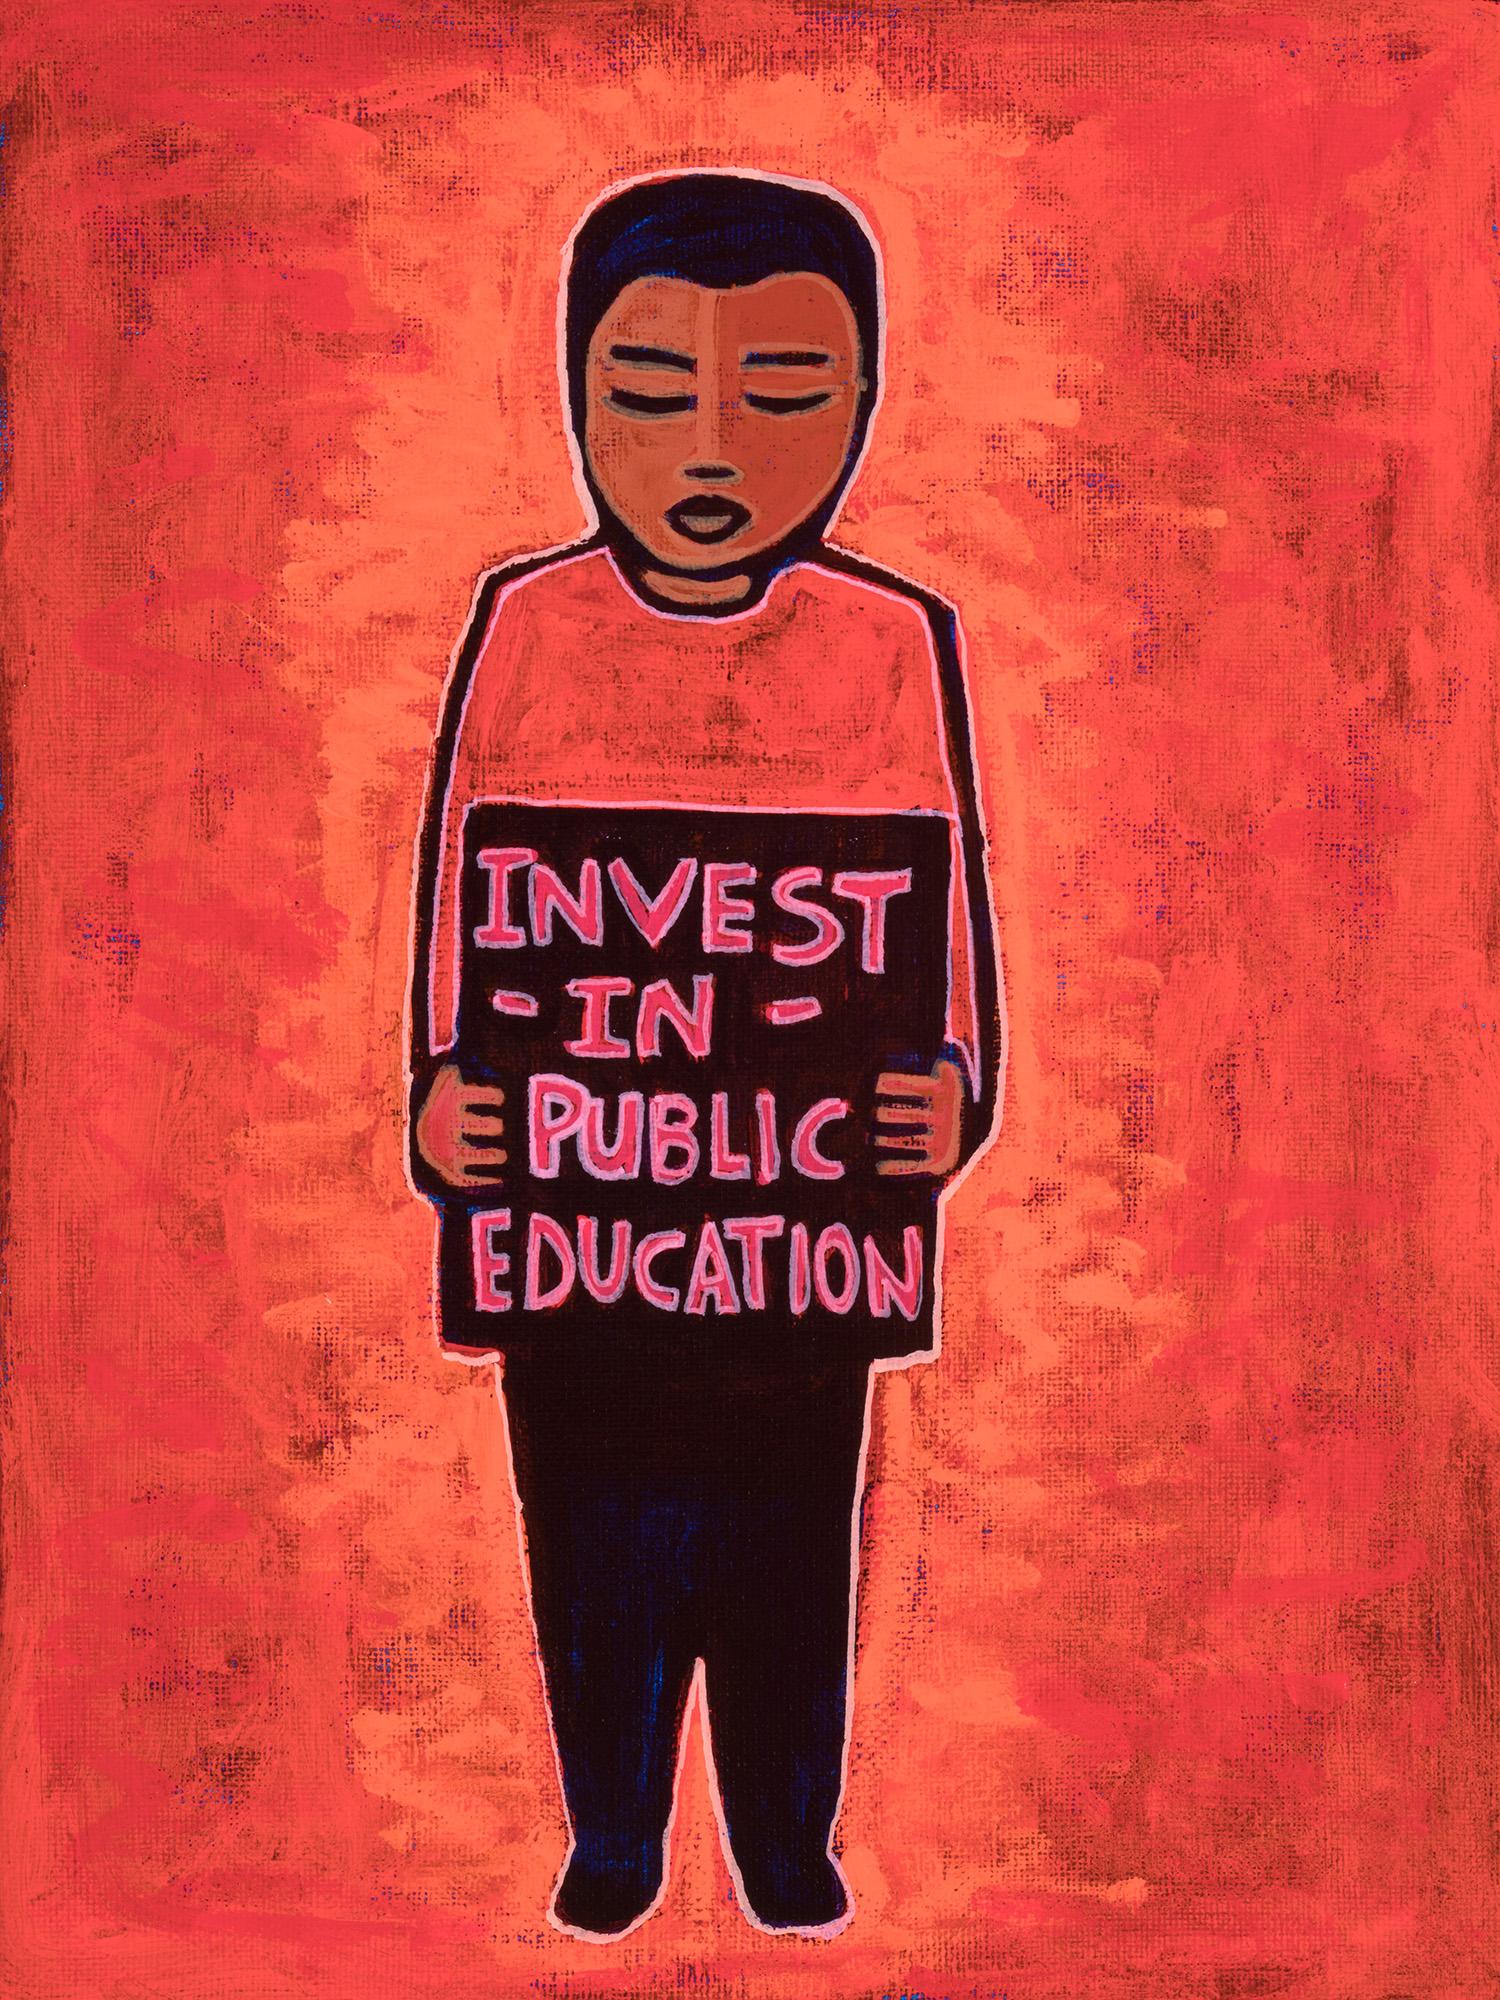 invest in public schools, 2019, 9x12